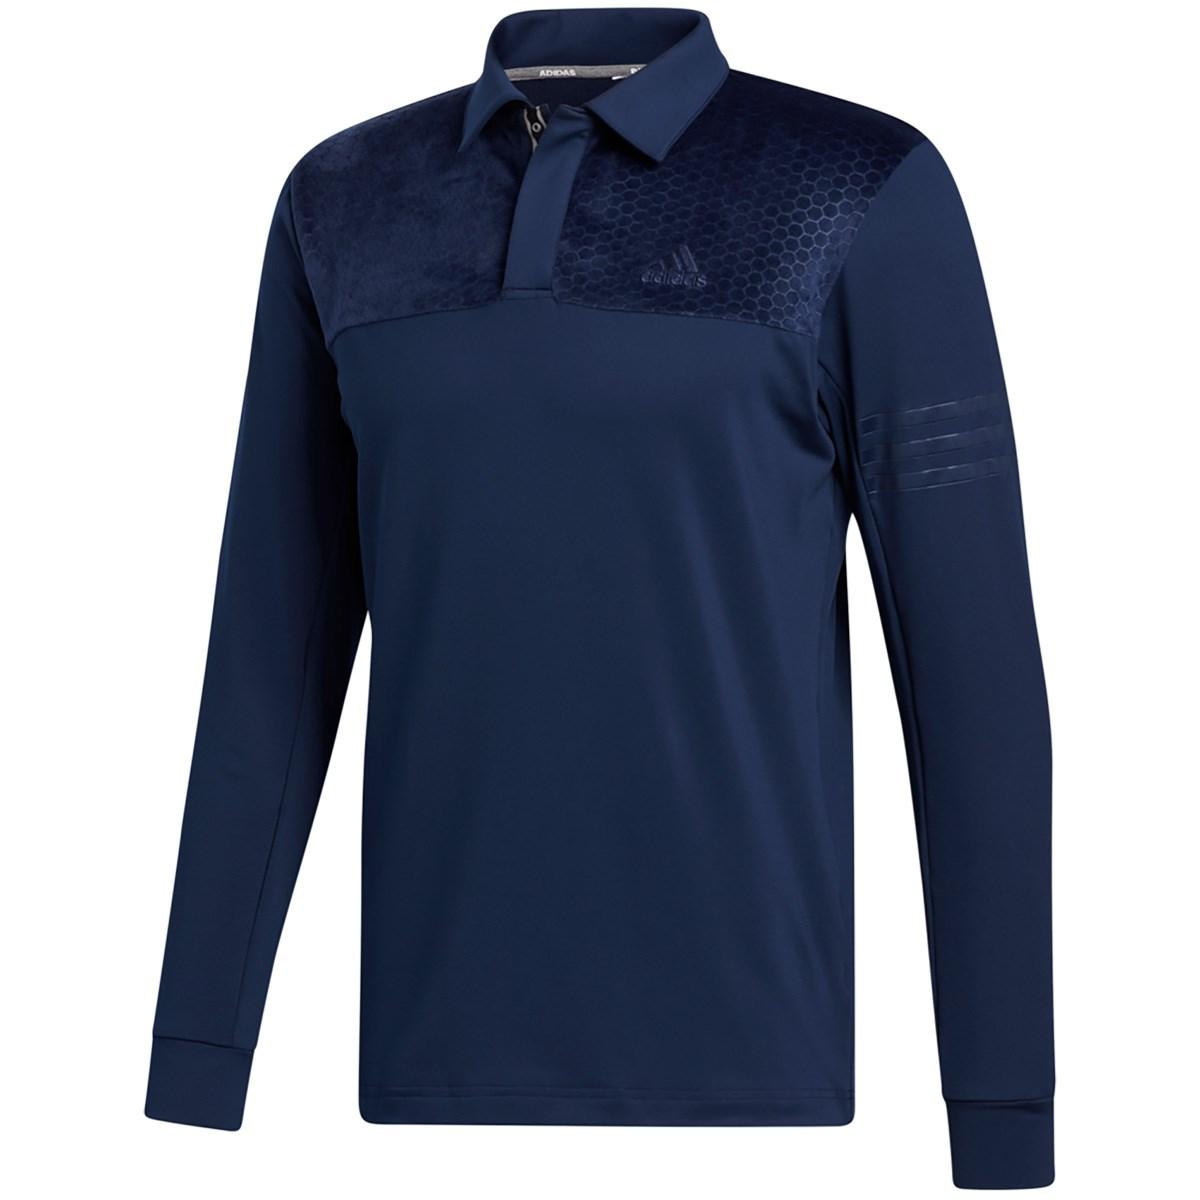 アディダス Adidas ファブリックミックス ストレッチ 長袖ポロシャツ J/O カレッジネイビー